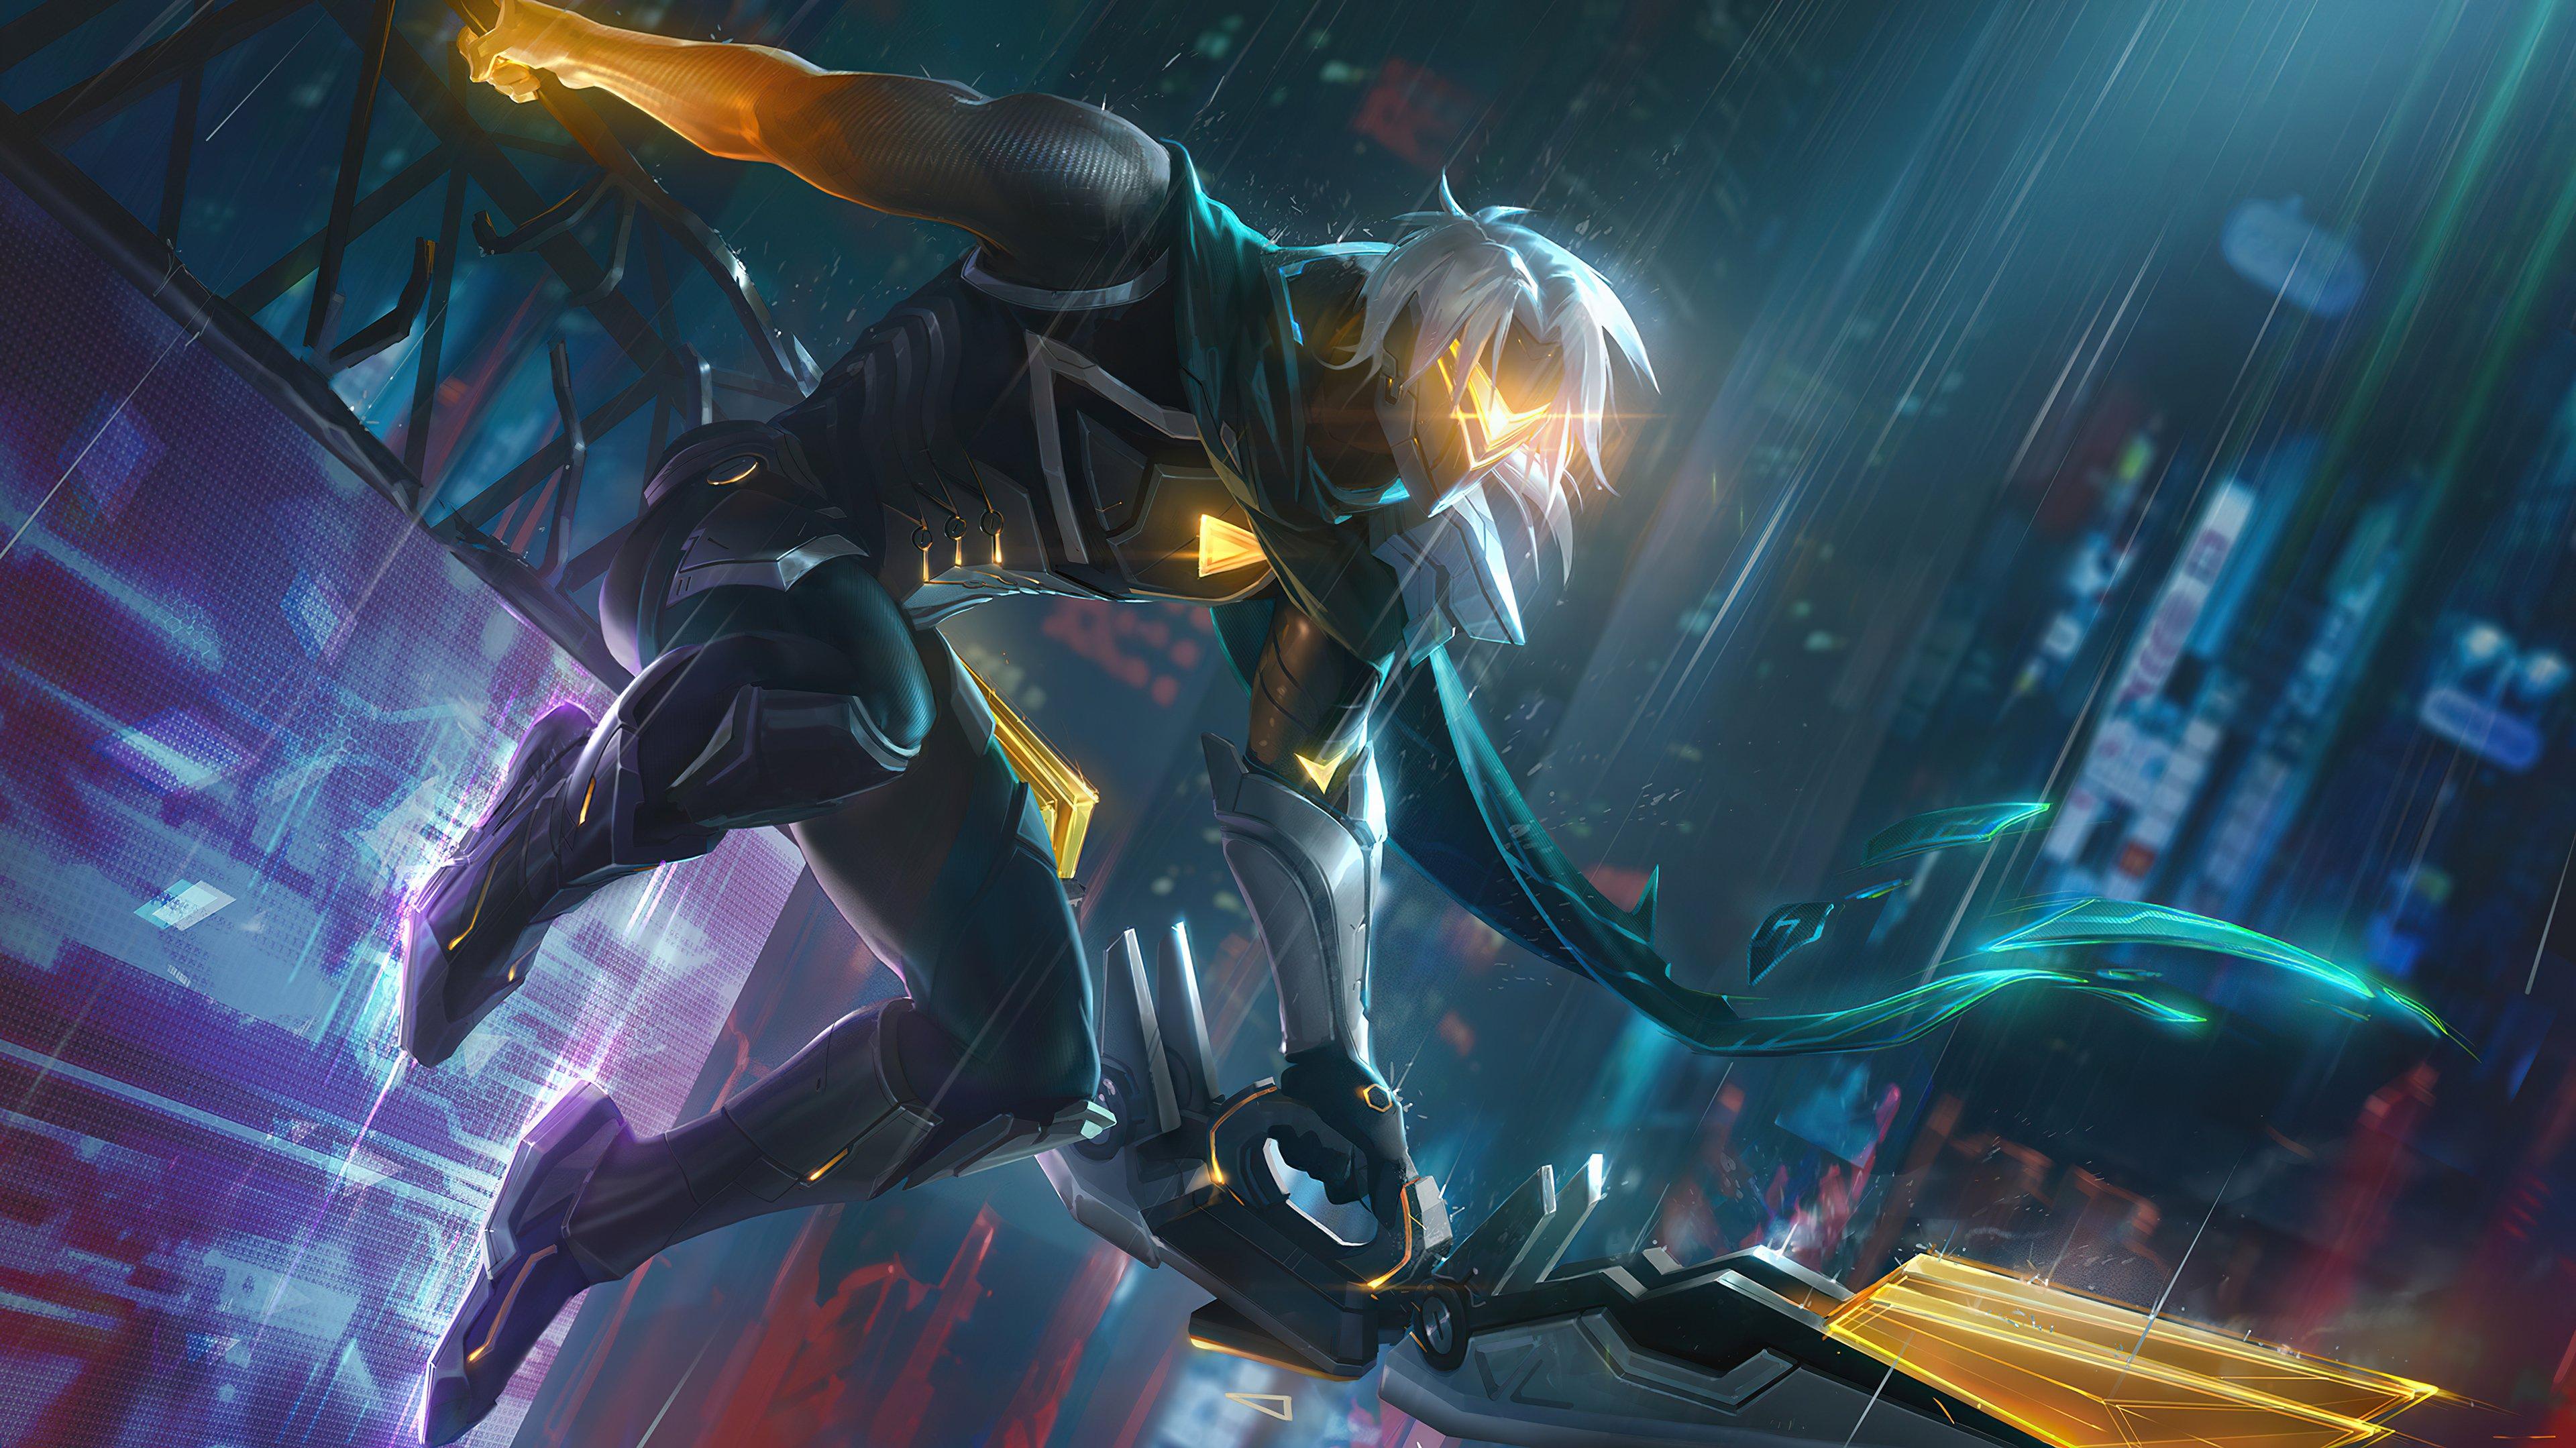 Fondos de pantalla Project Varus League of Legends